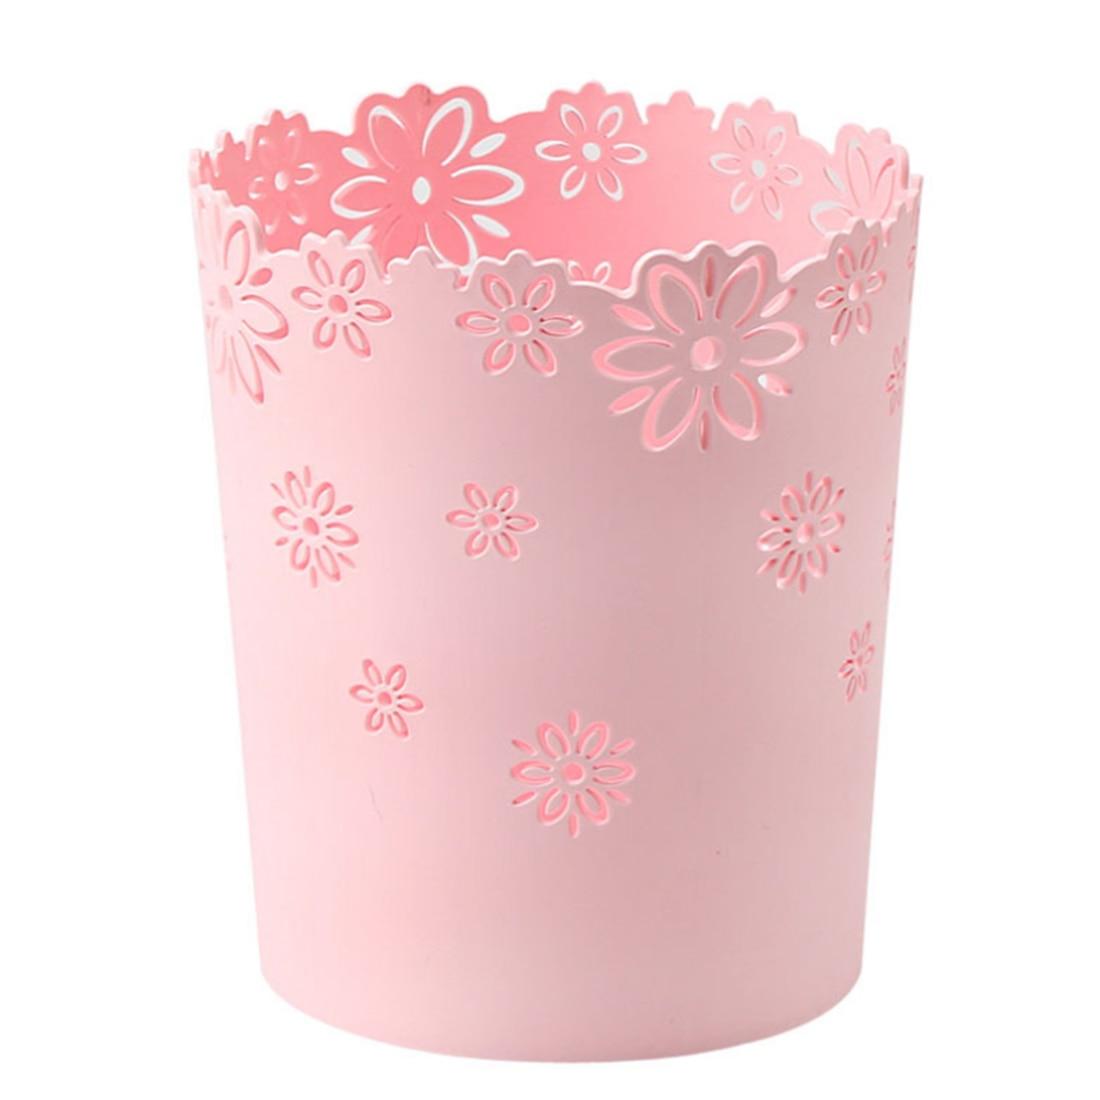 S/M/L Größe Umweltfreundliche Papierkorb Hohl Lily Form Kunststoff Ohne Deckel Hause Altpapier Körbe Küche Bad Abfall lagerung Kann